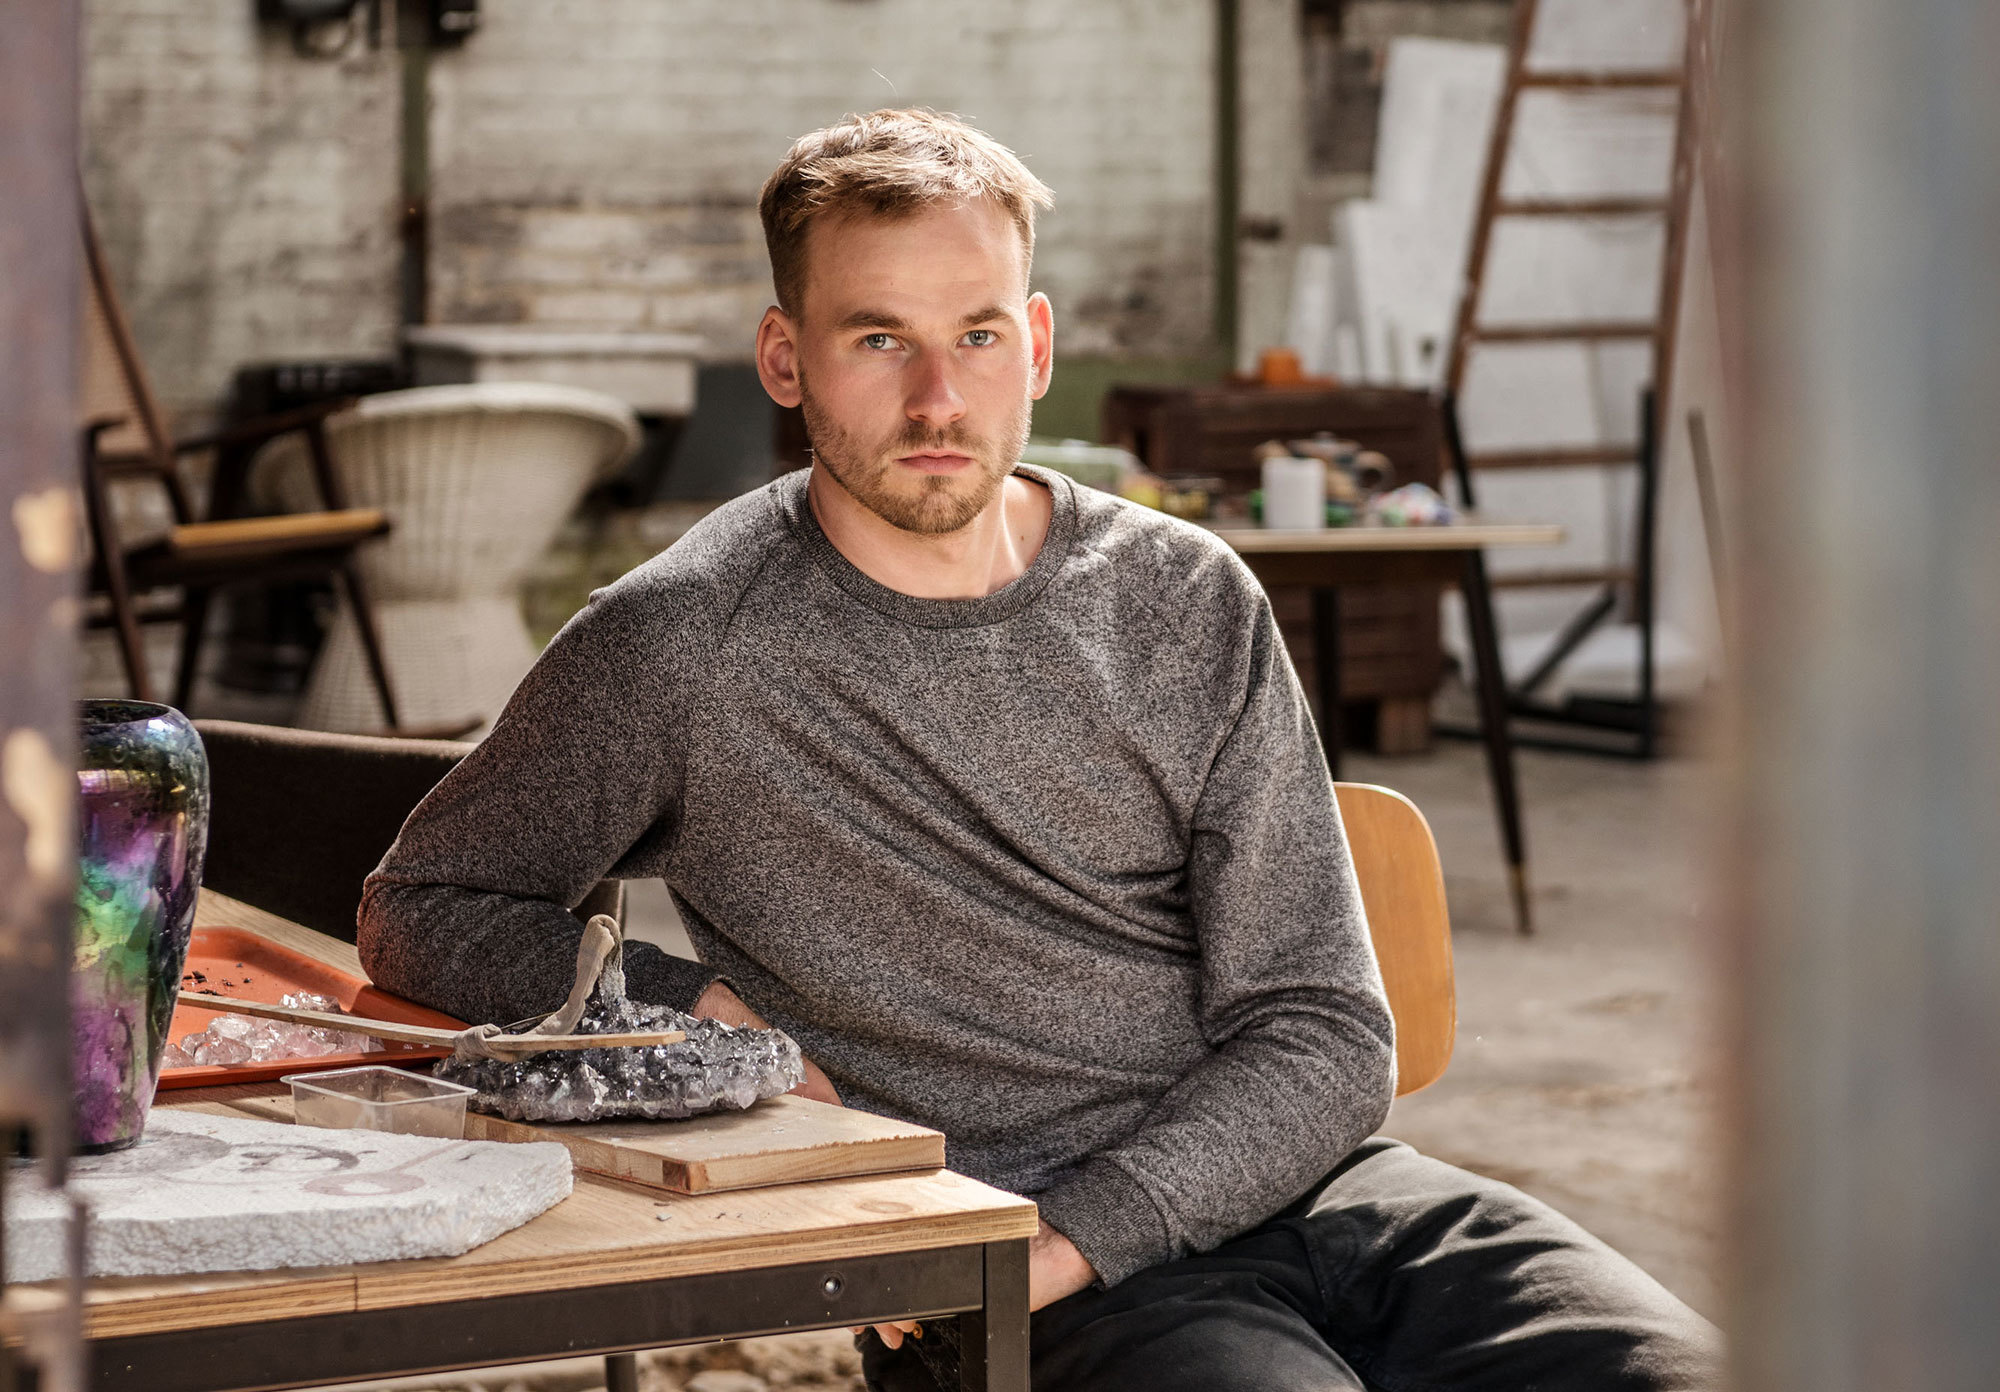 Im Interview spricht der Berliner Designer Lukas Wegwerth über verschiedenste Aspekte von nachhaltiger Gestaltung: Nachhaltigkeit durch Selektion, Weiternutzung oder Experimente – und durch ein neues Denken im Ausstellungsdesign. Foto: Dagmar Schwelle